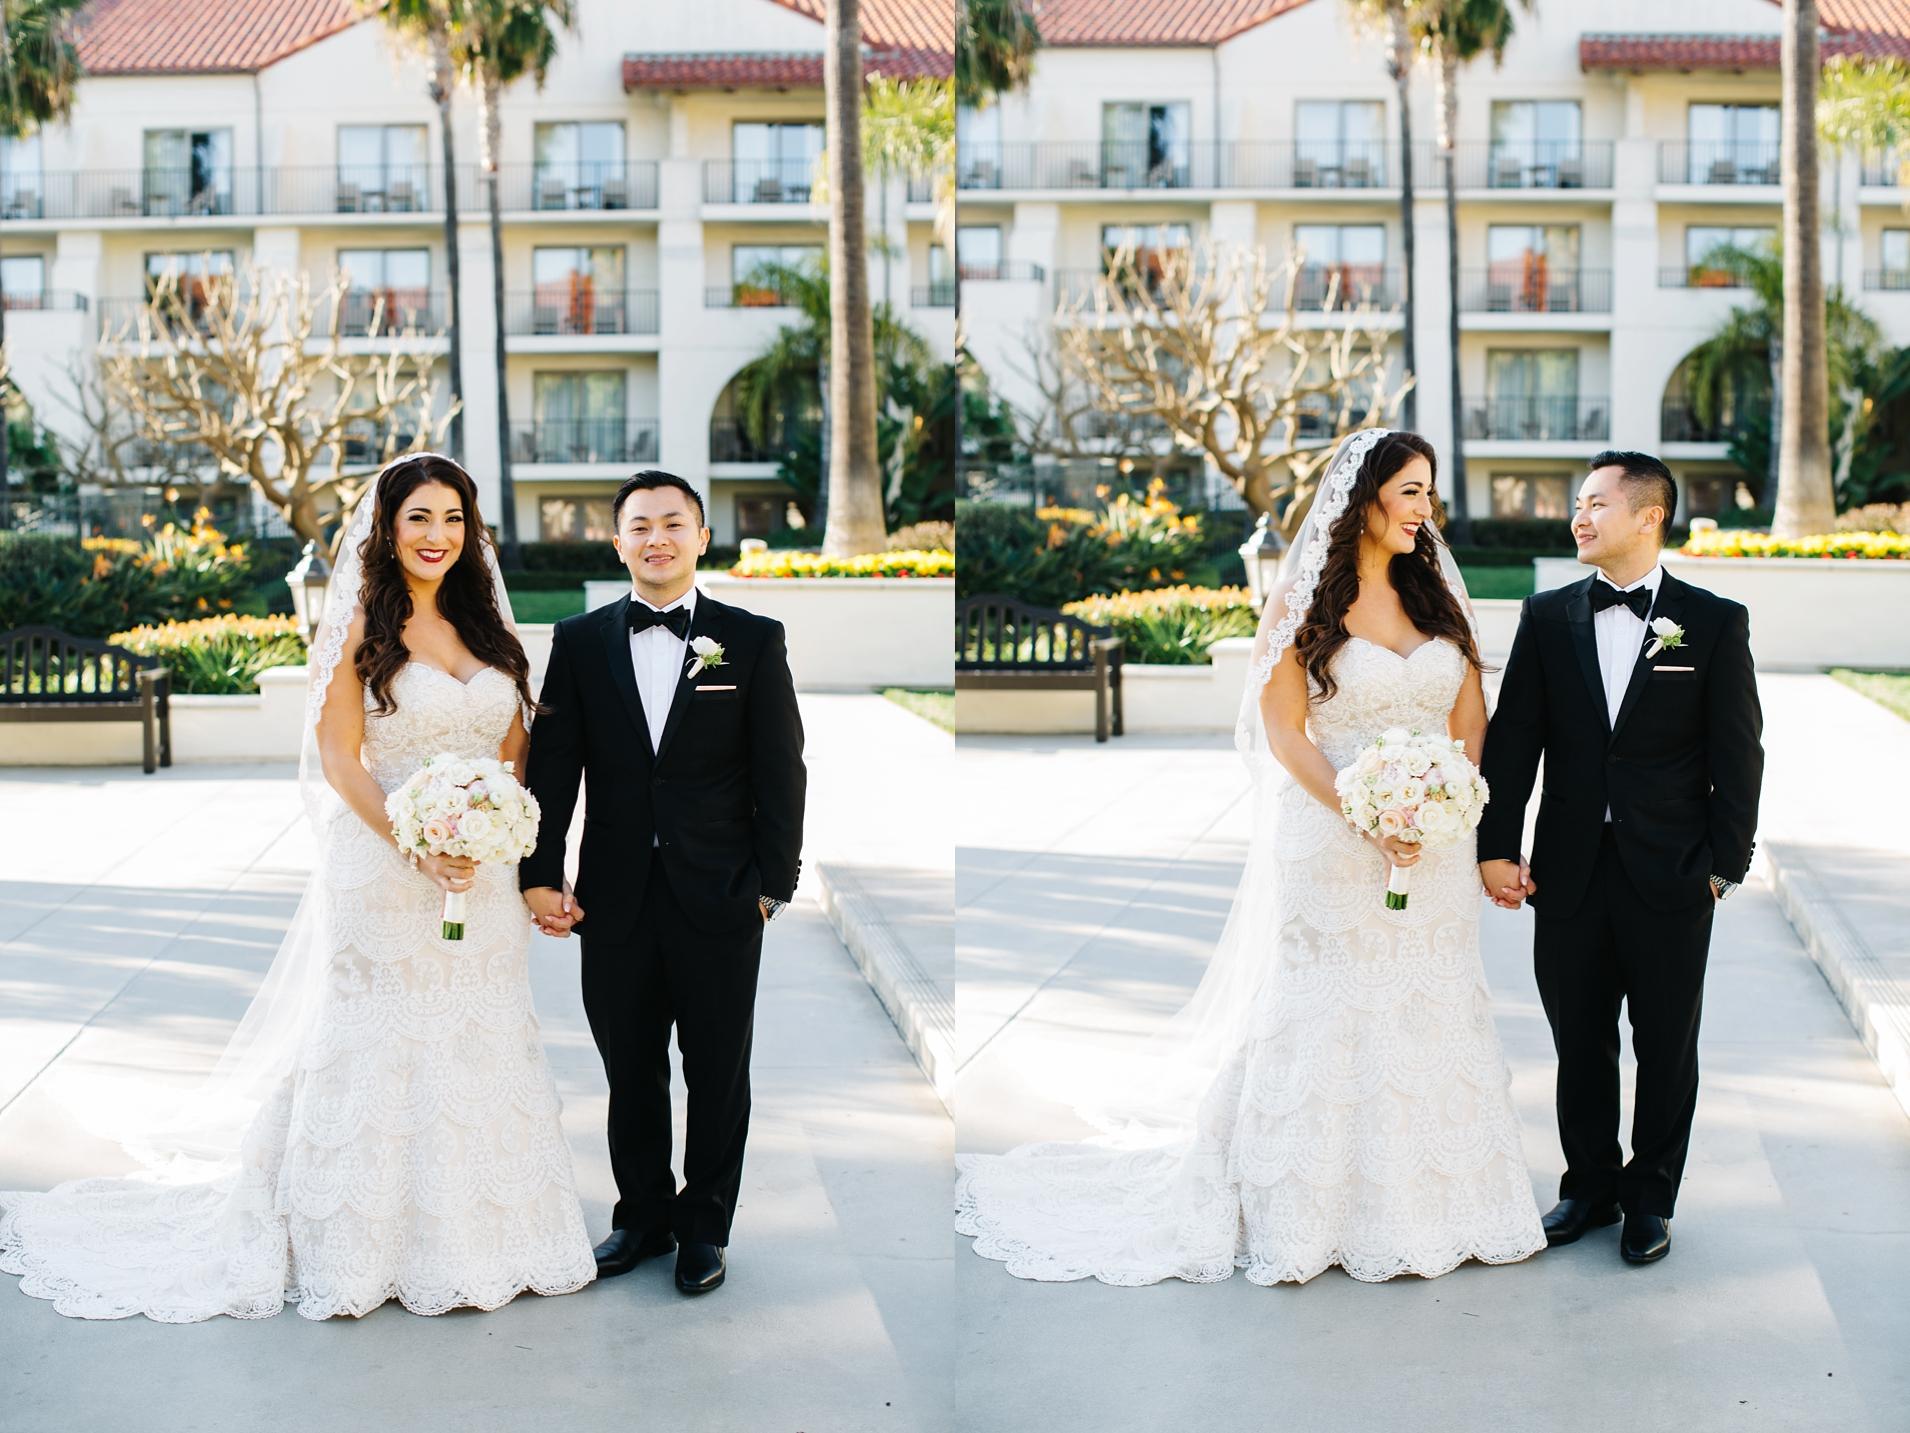 Romantic Bride and Groom Photos - Orange County Wedding Photographer